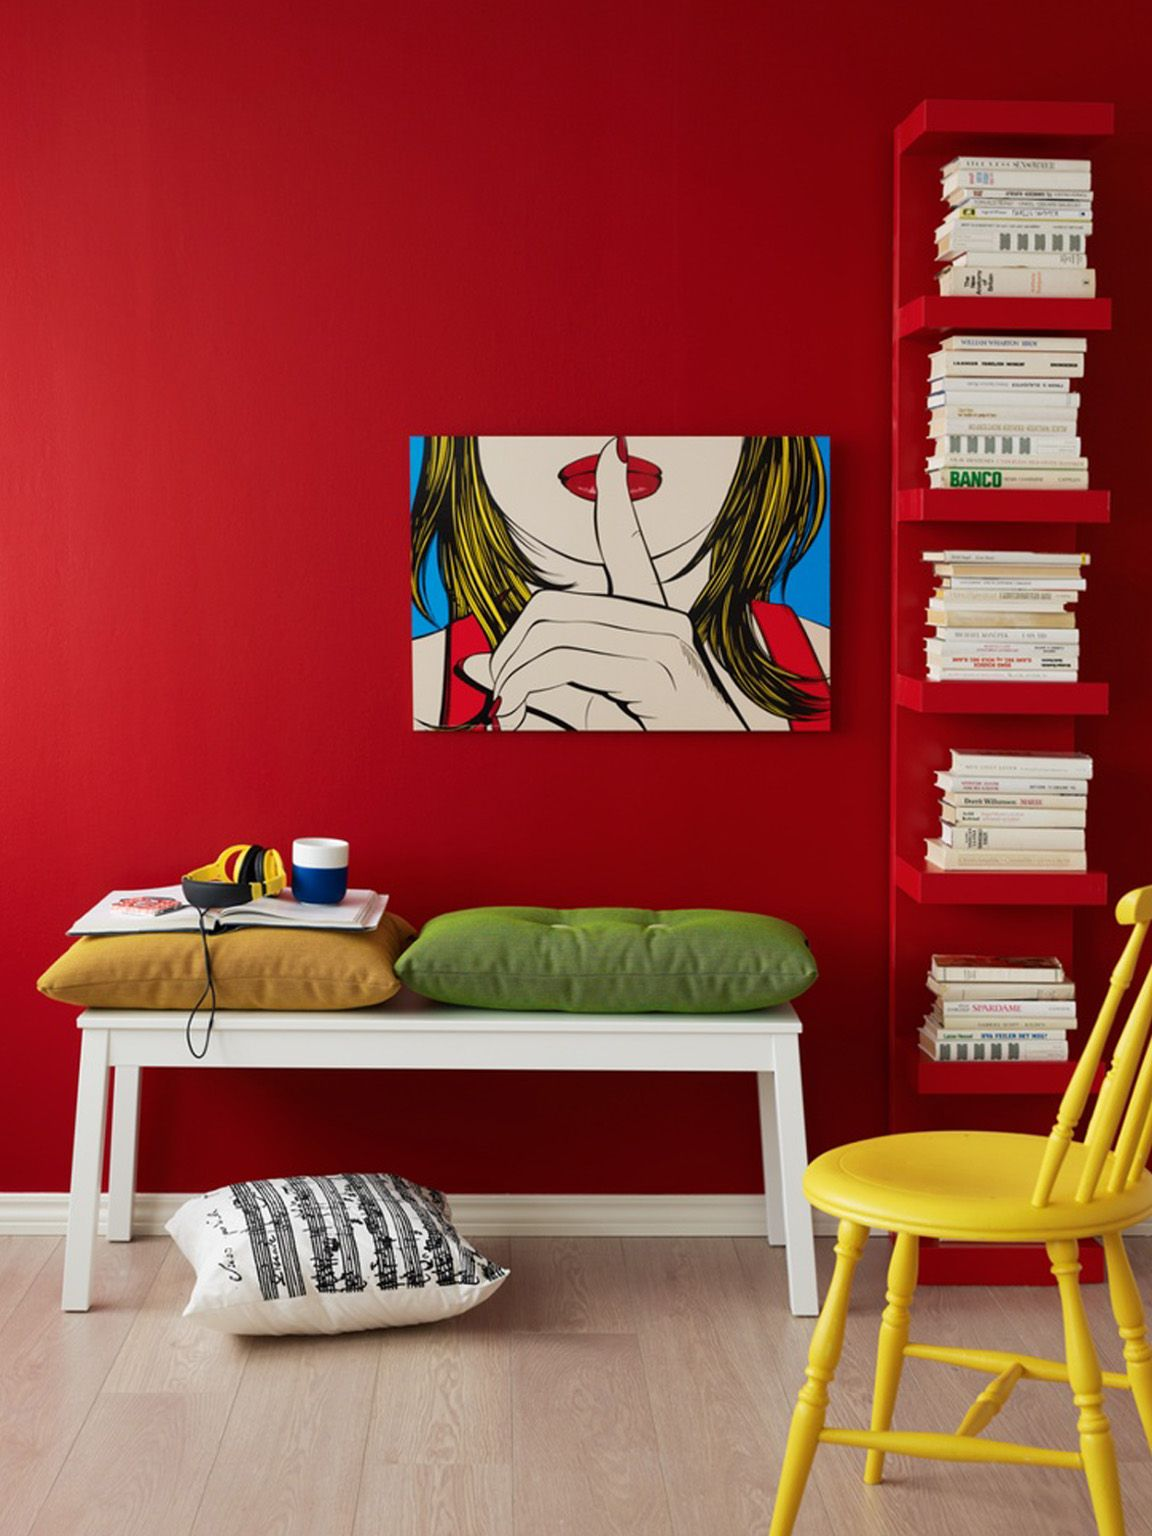 Interno casa parete rossa e libreria sda blog allarme for Blog decorazione interni